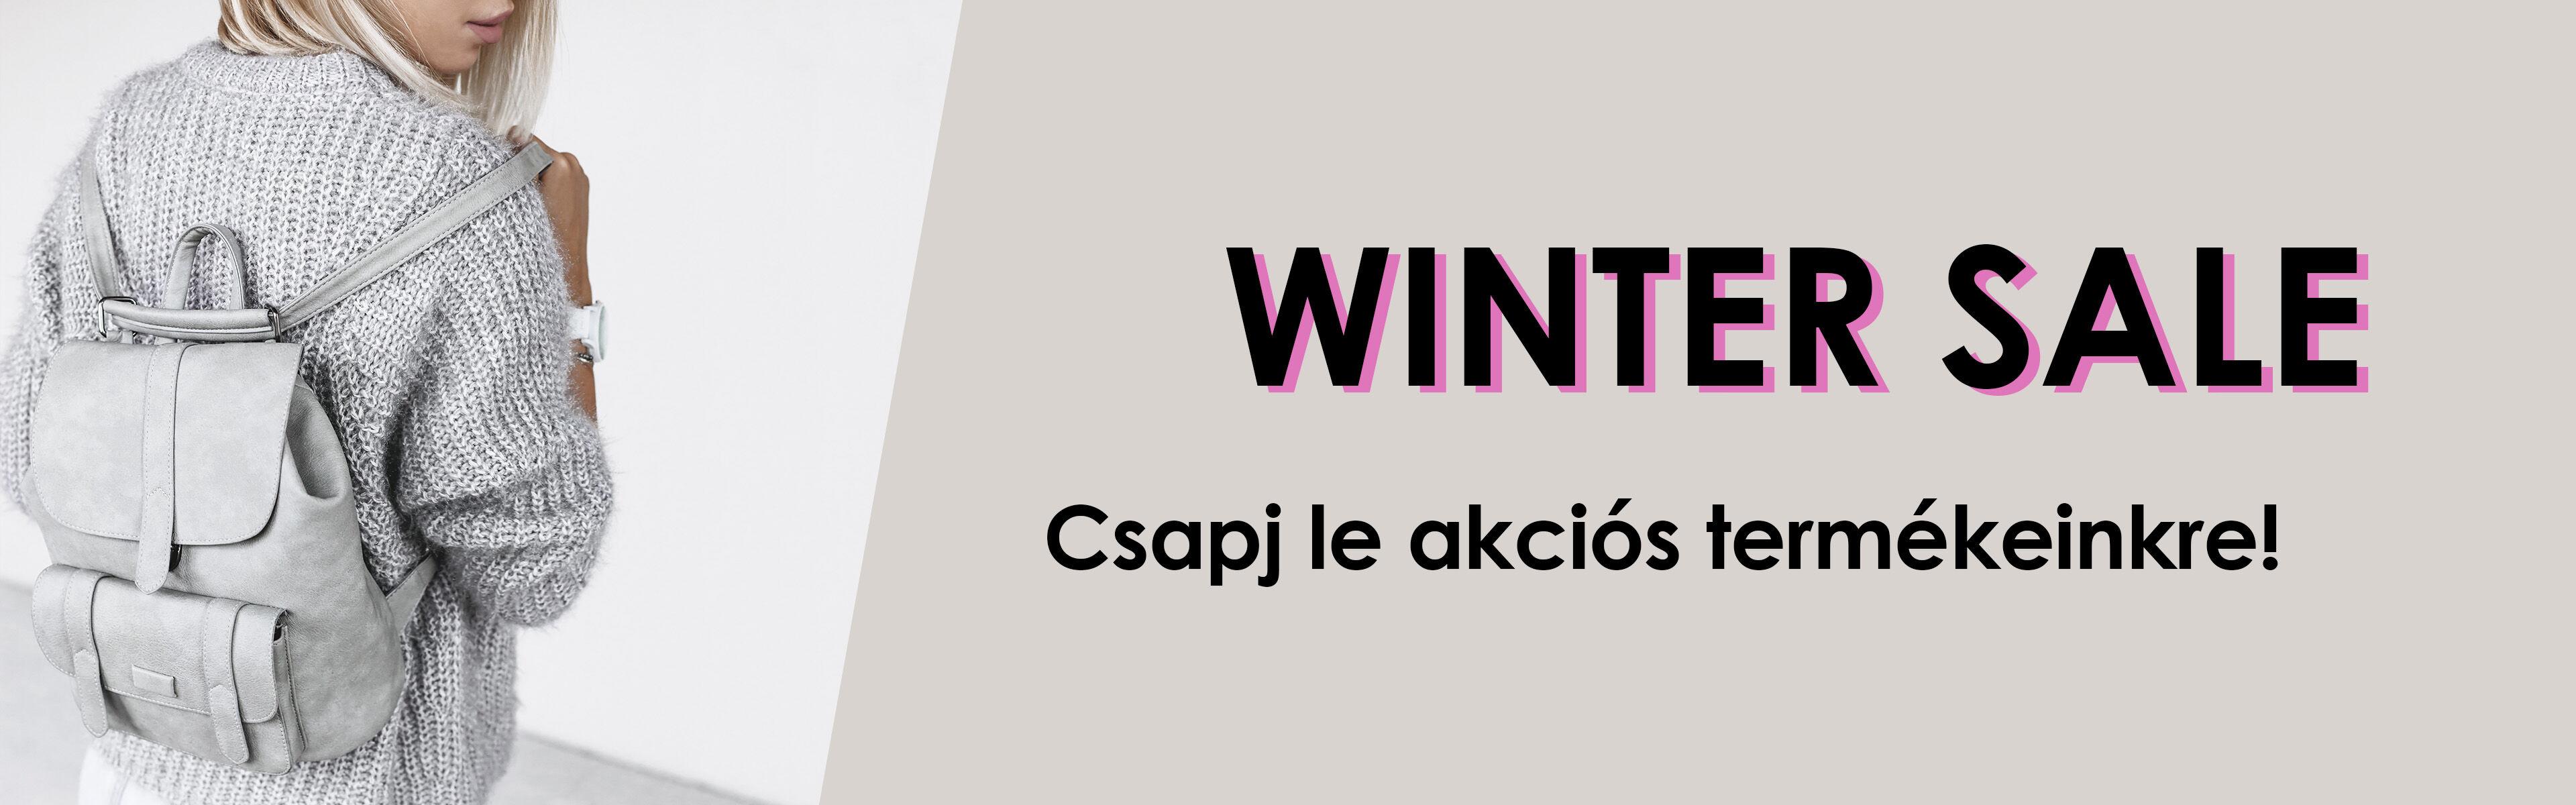 wintersale 1920x600_banner